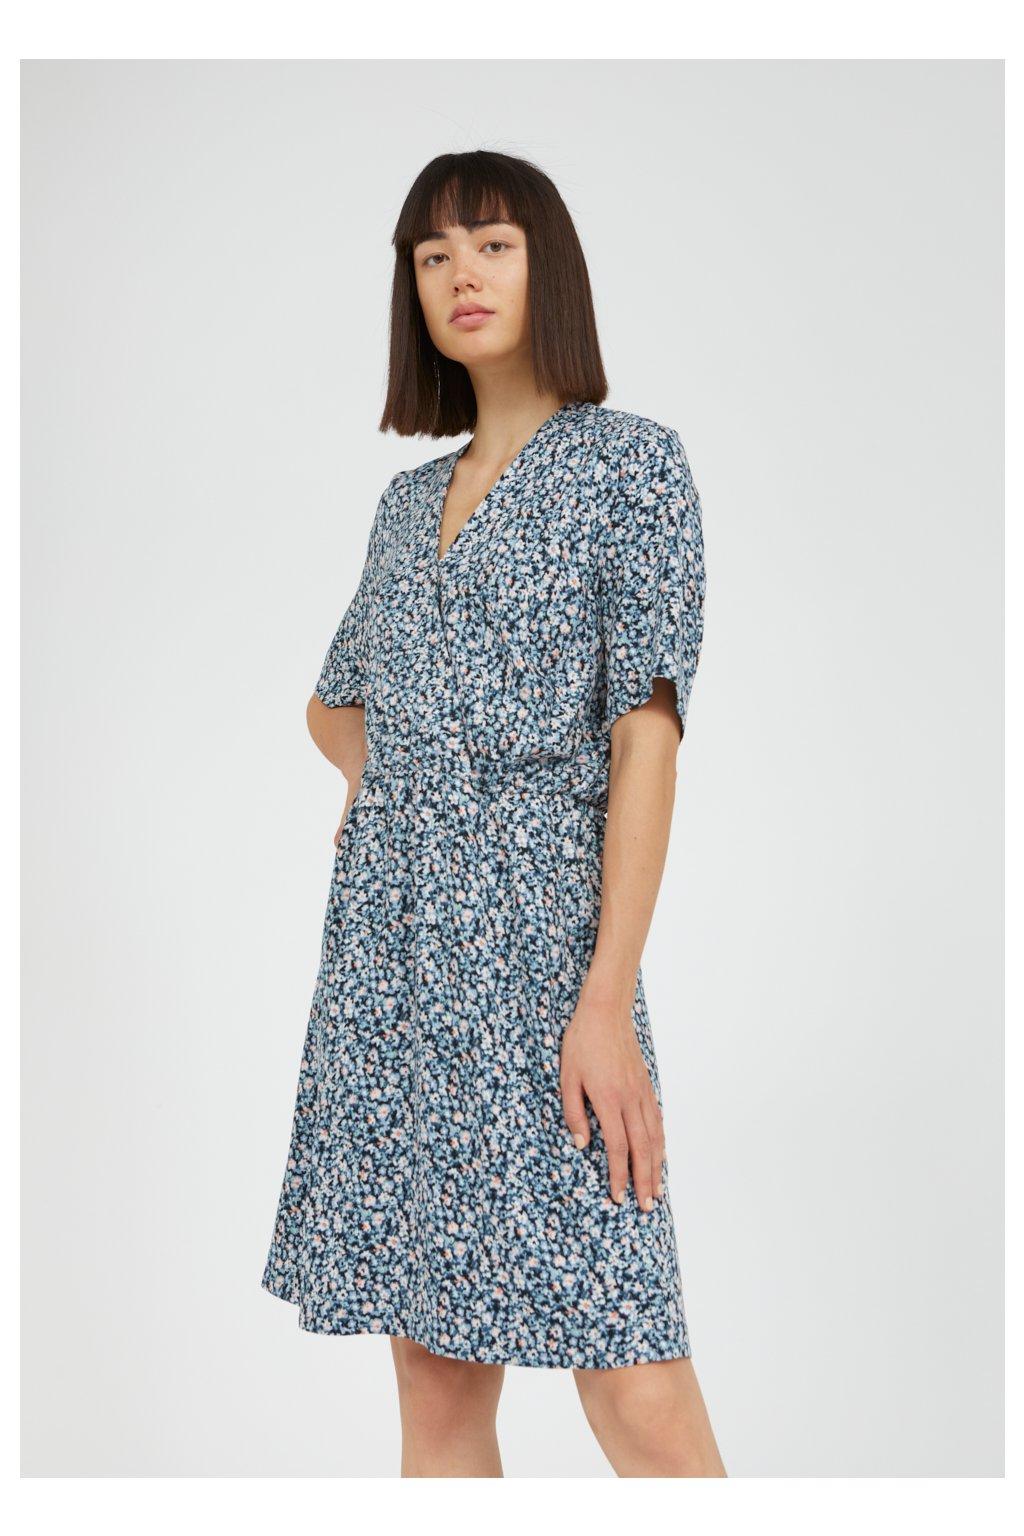 """Dámske vzorované šaty """"AIRAA PRIMROSE foggy blue"""""""